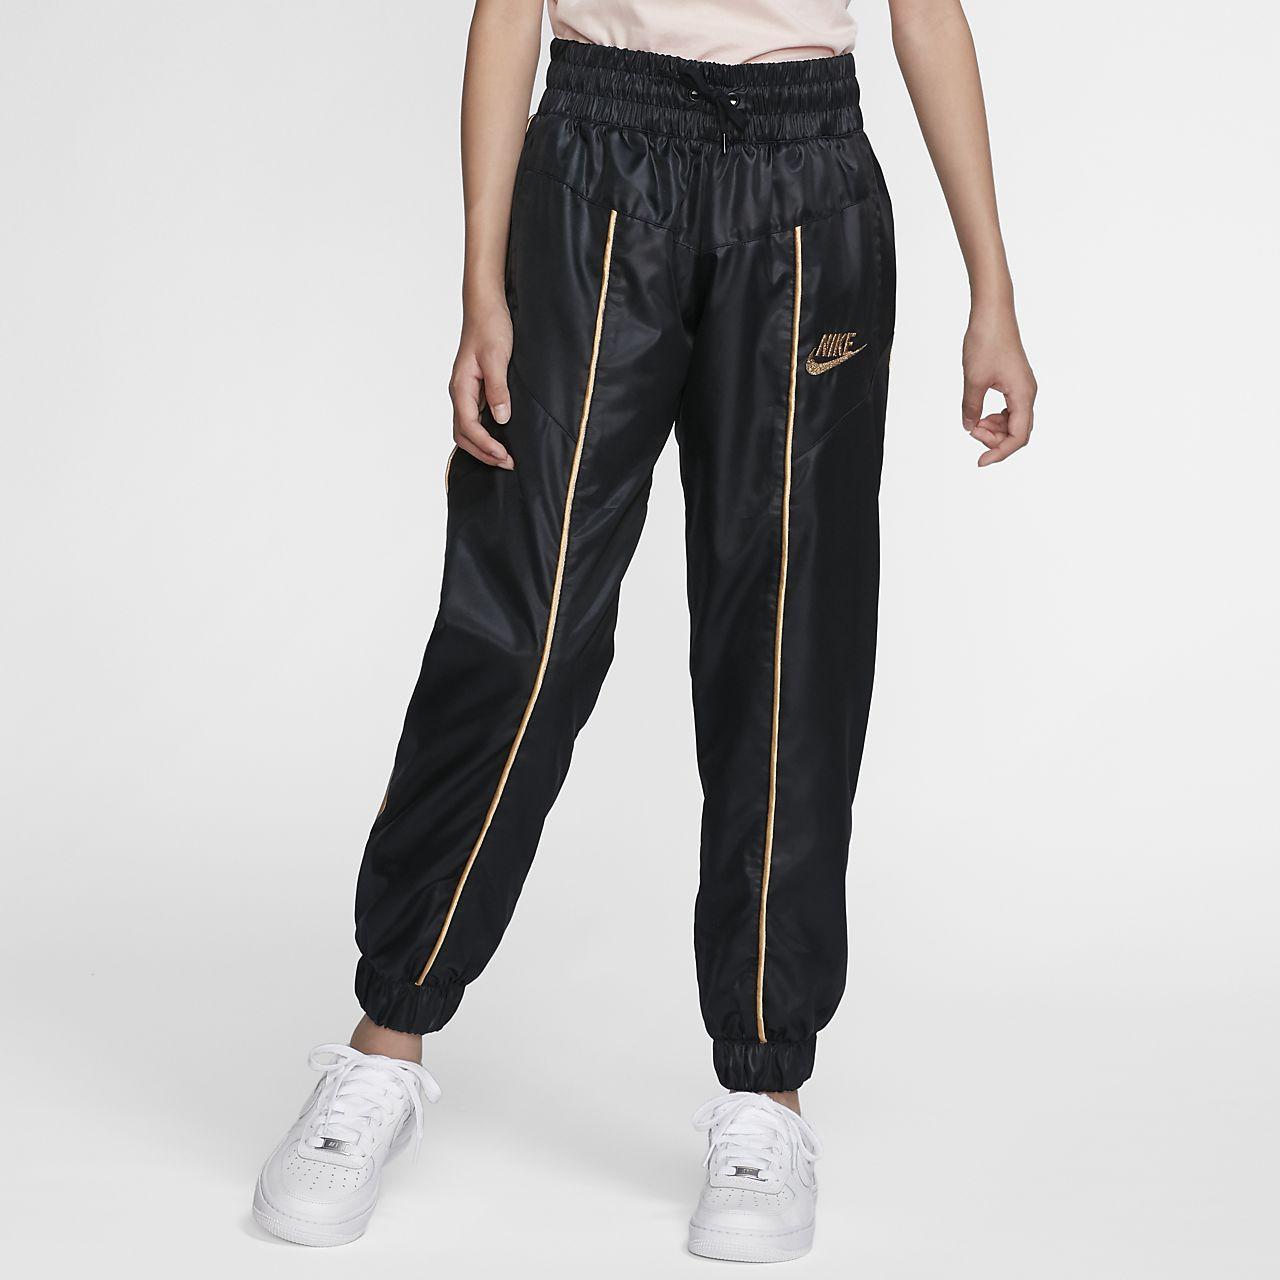 Nike Sportswear Girls' Pants